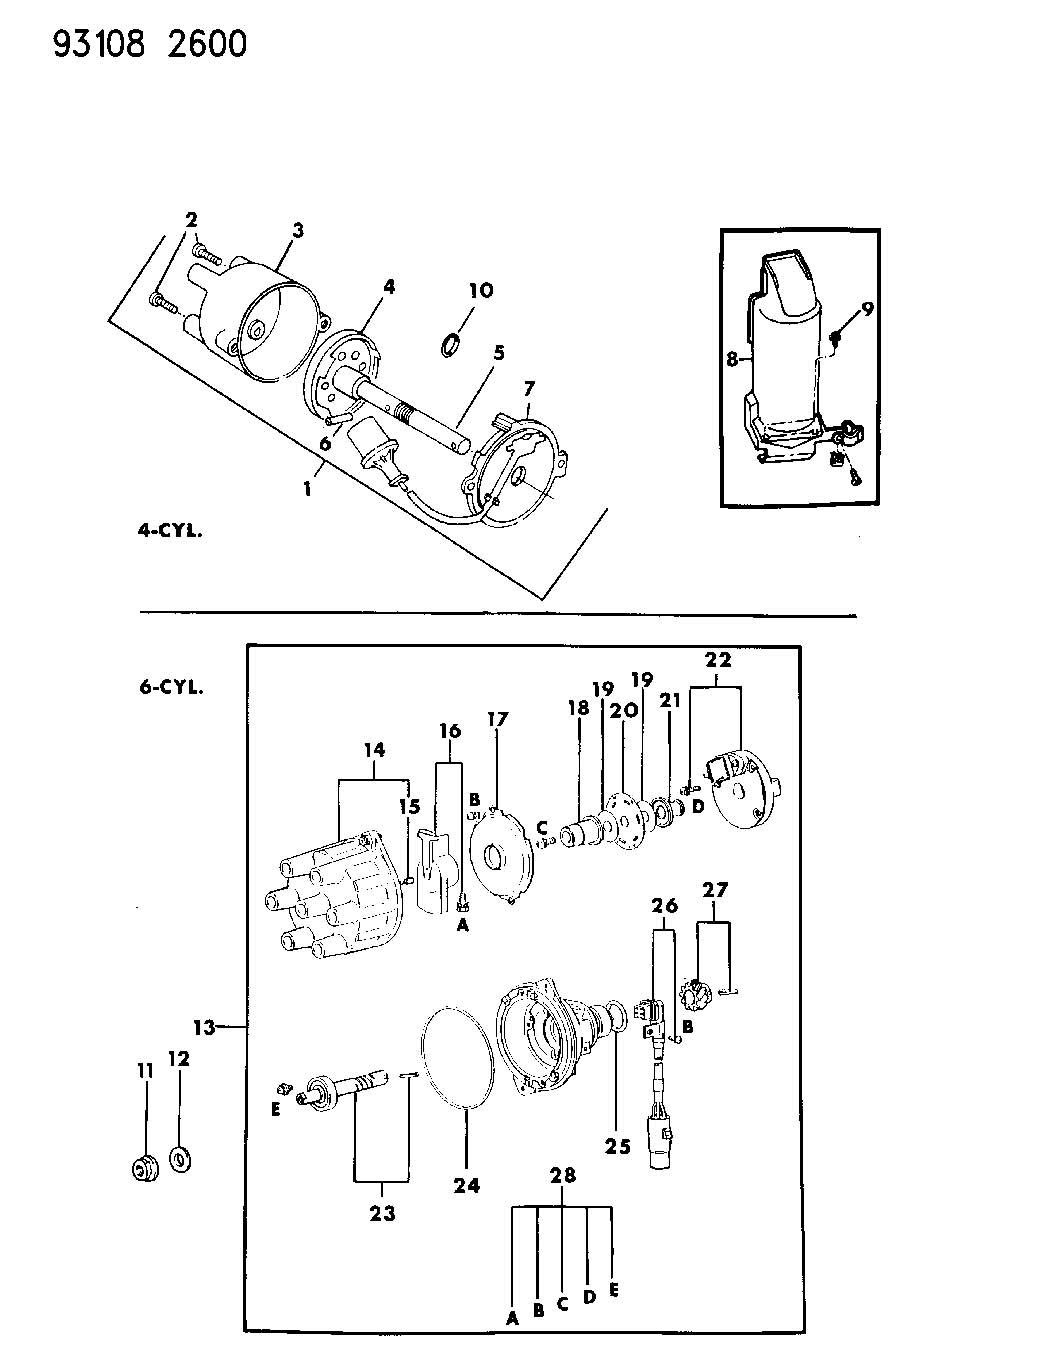 Distributor 4 6 Cylinder Engine